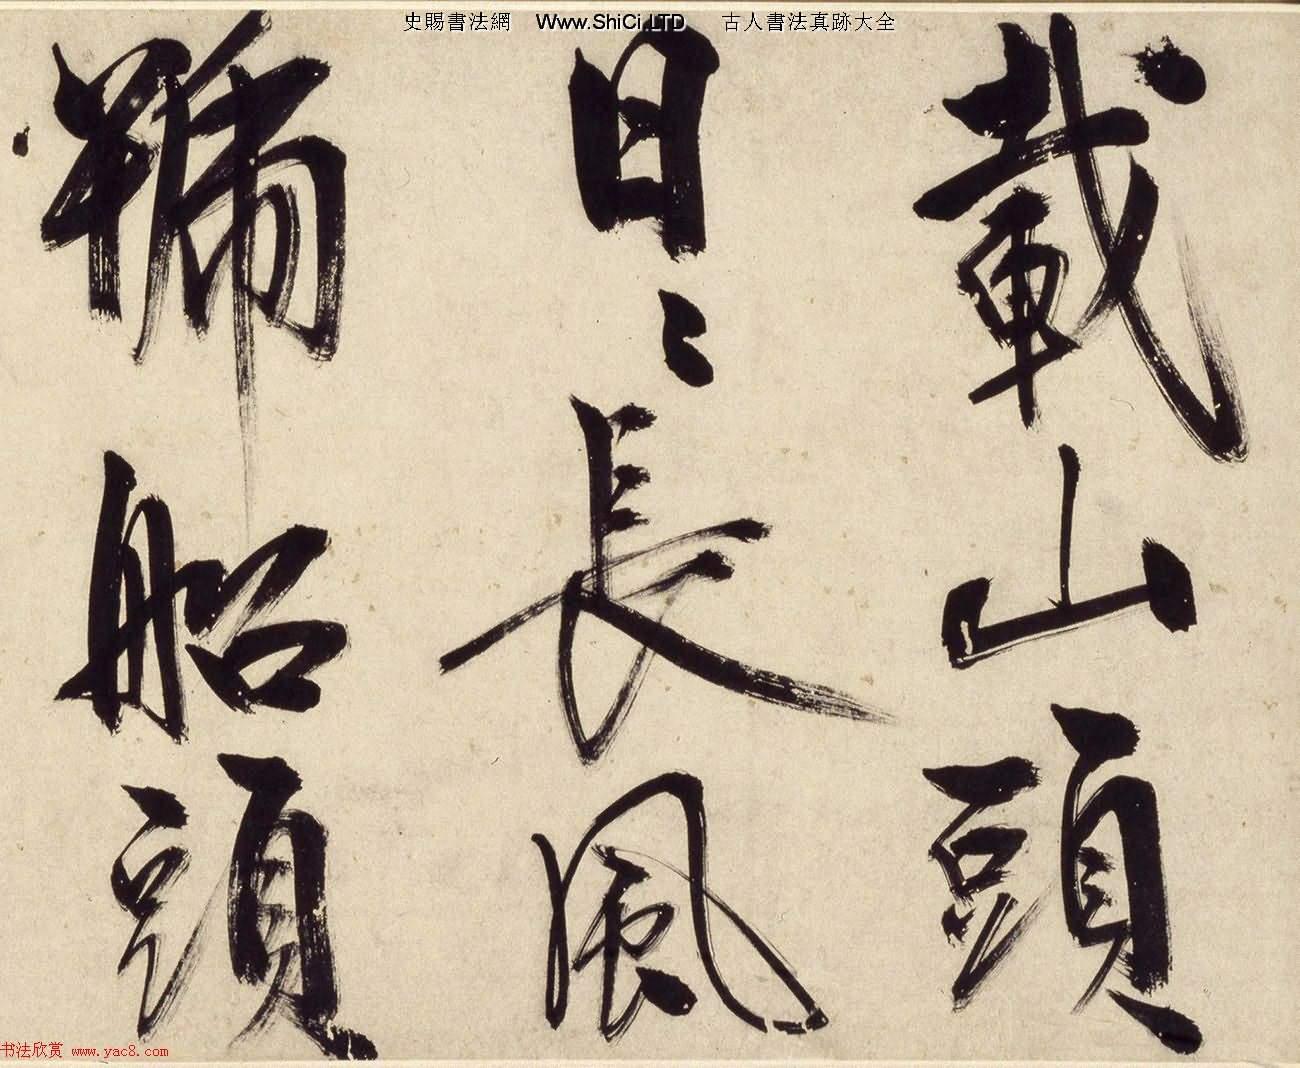 王守仁49歲大字行書《銅陵觀鐵船歌》卷